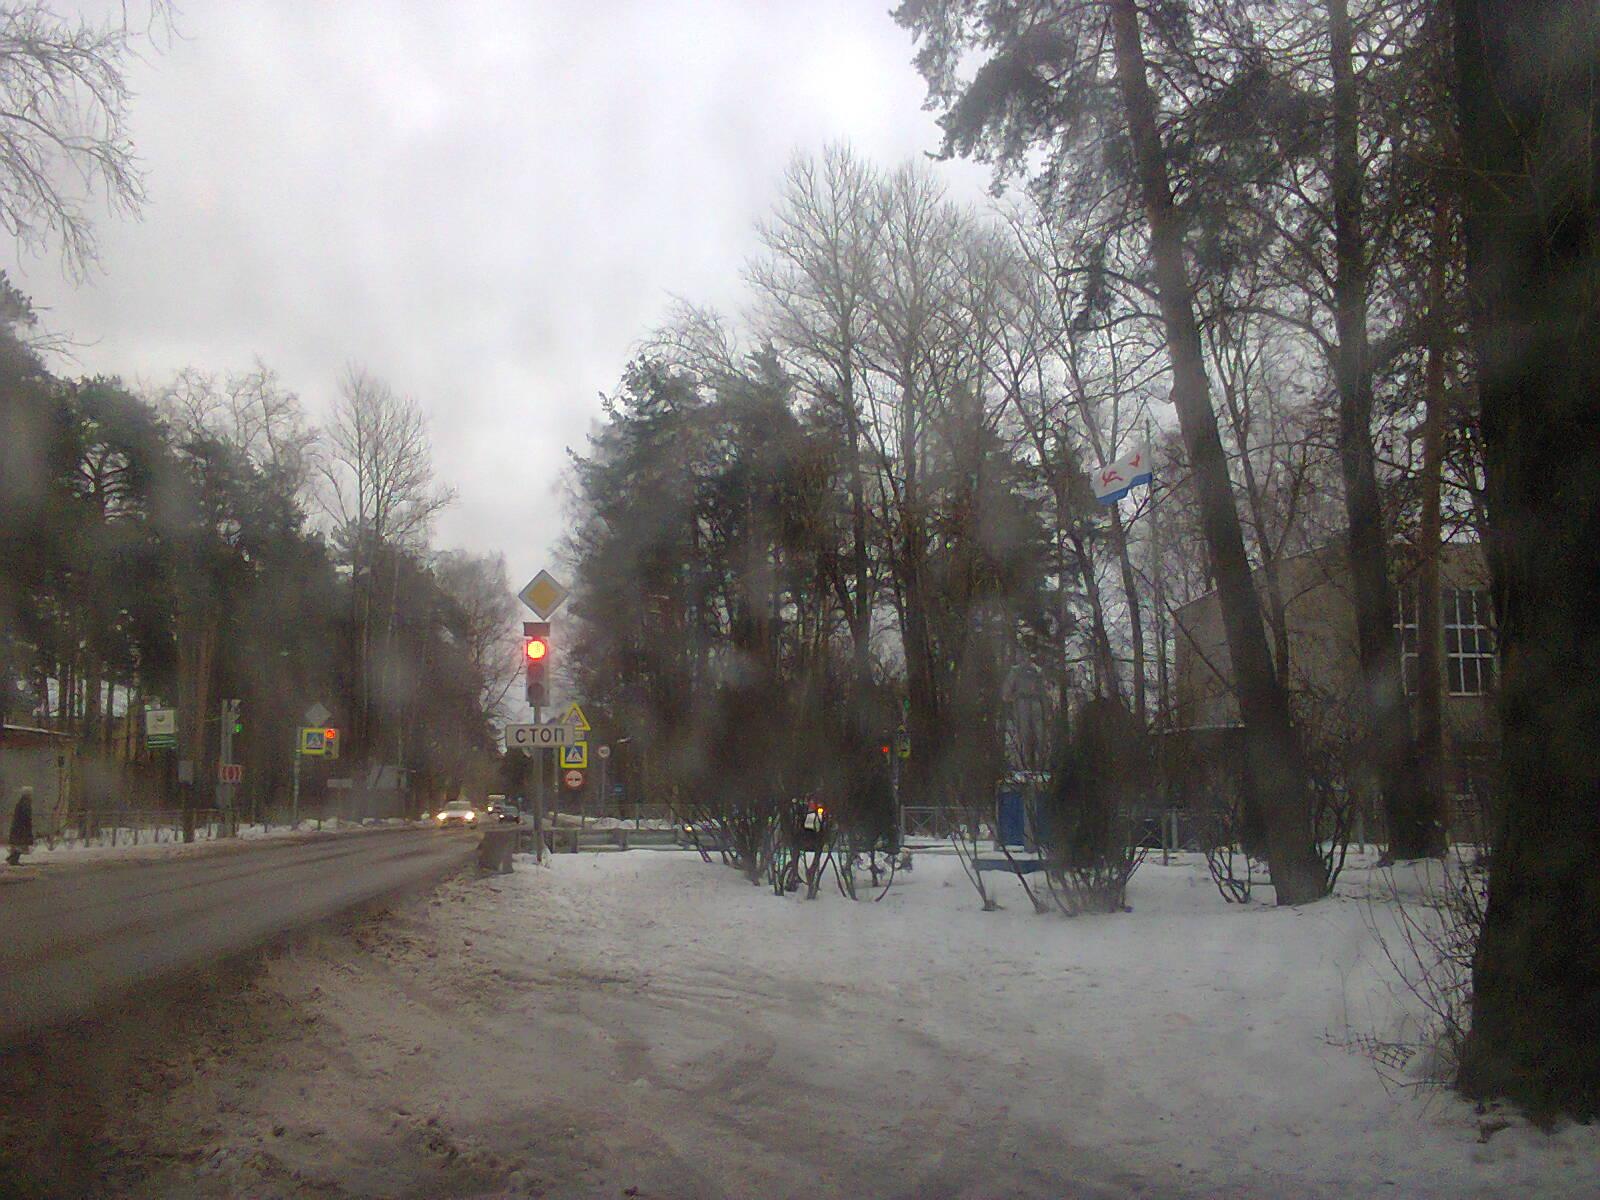 Памятник морякам-балтийцам на синем бетонном постаменте среди кустов и деревьев. Справа видна общеобразовательная школа на улице Асанина.